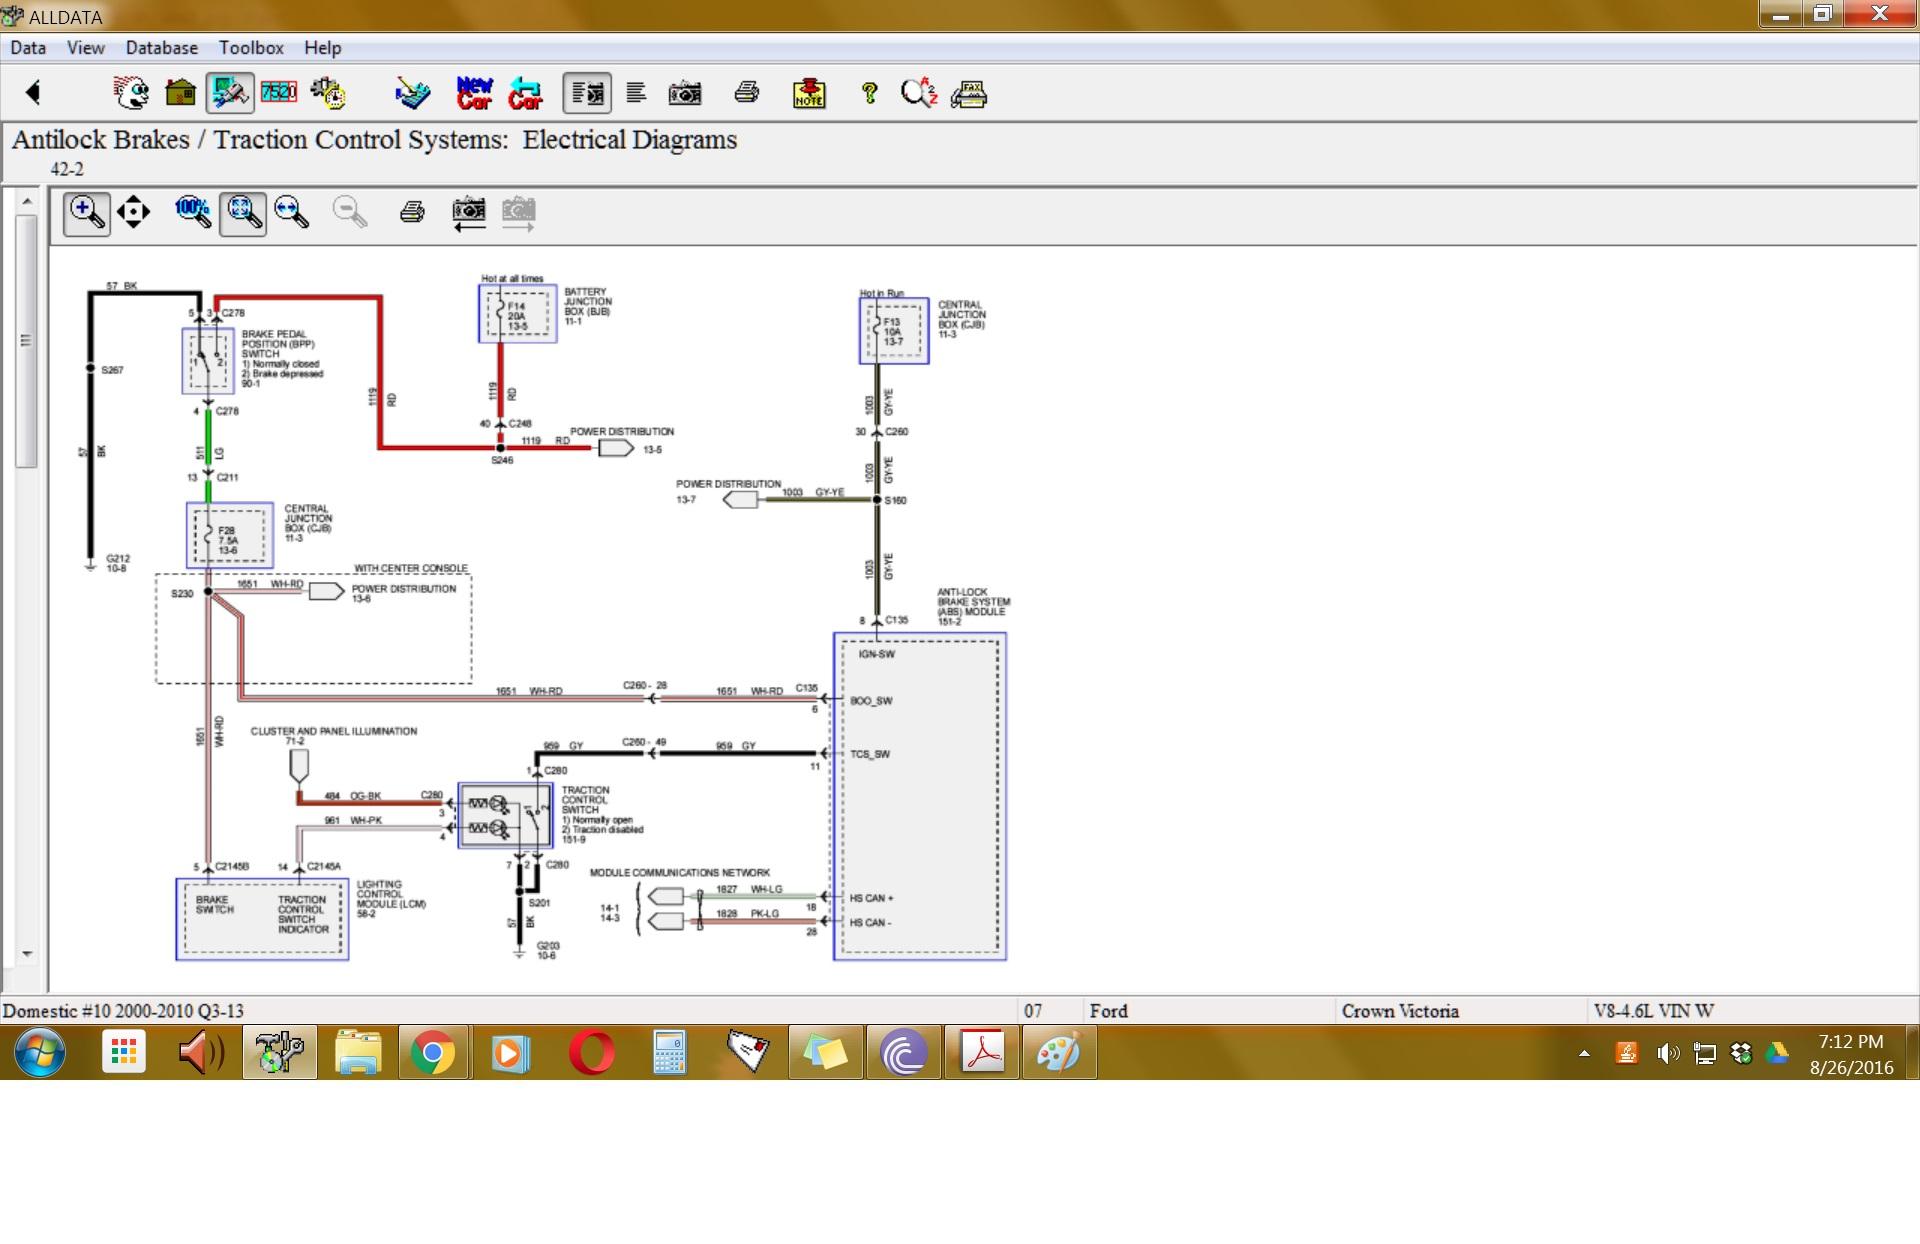 84ec5082-a5f4-4b89-8545-15b3ac201140_abs2.jpg